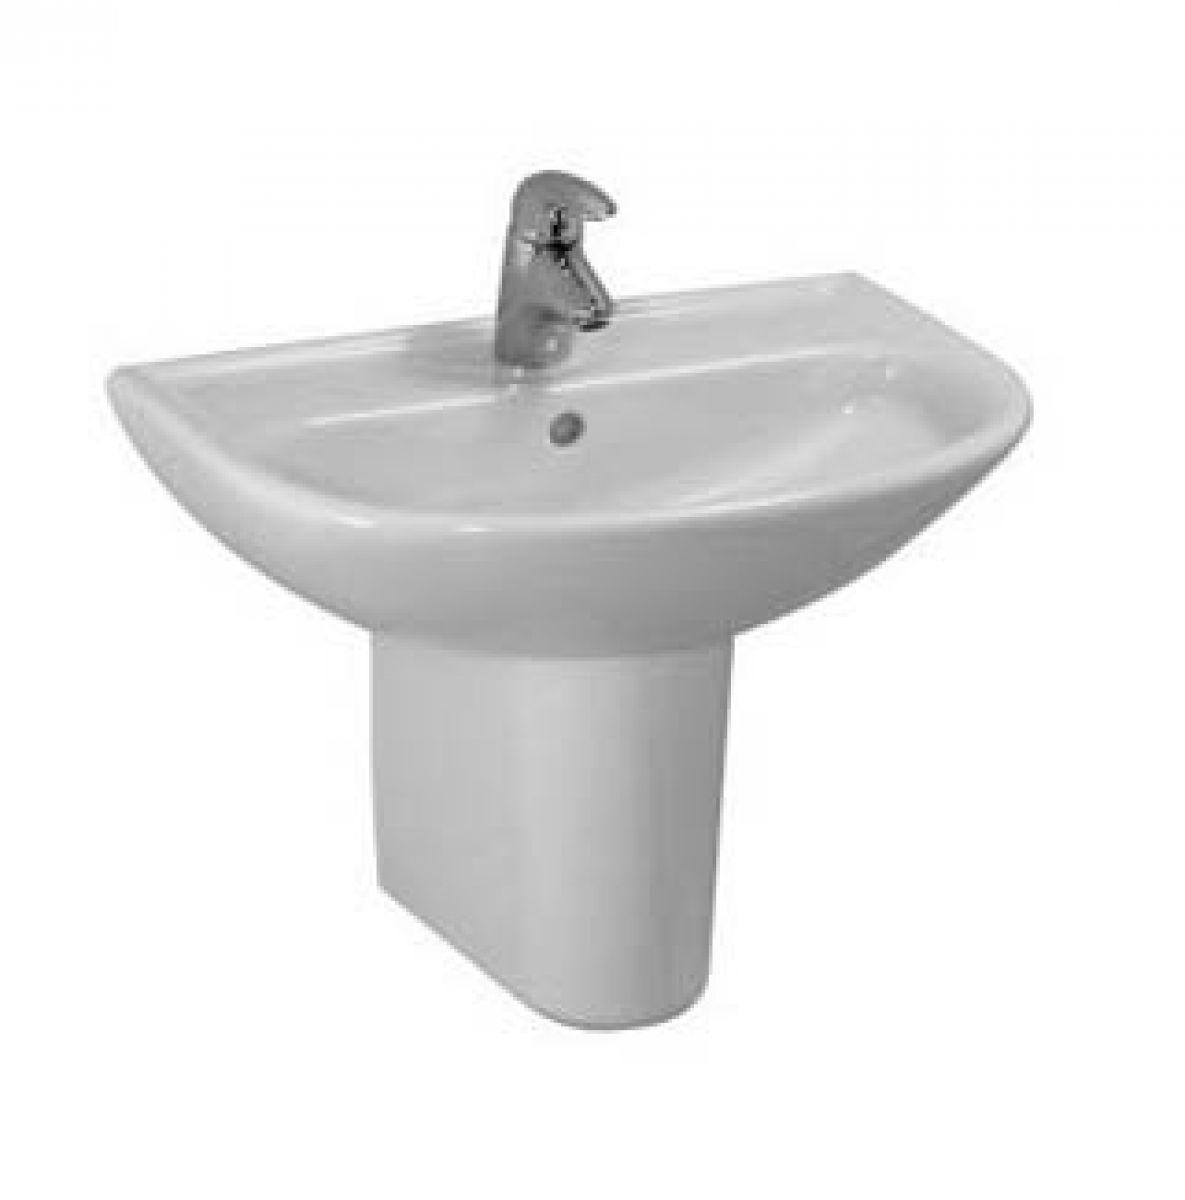 laufen pro c basin half pedestal uk bathrooms. Black Bedroom Furniture Sets. Home Design Ideas